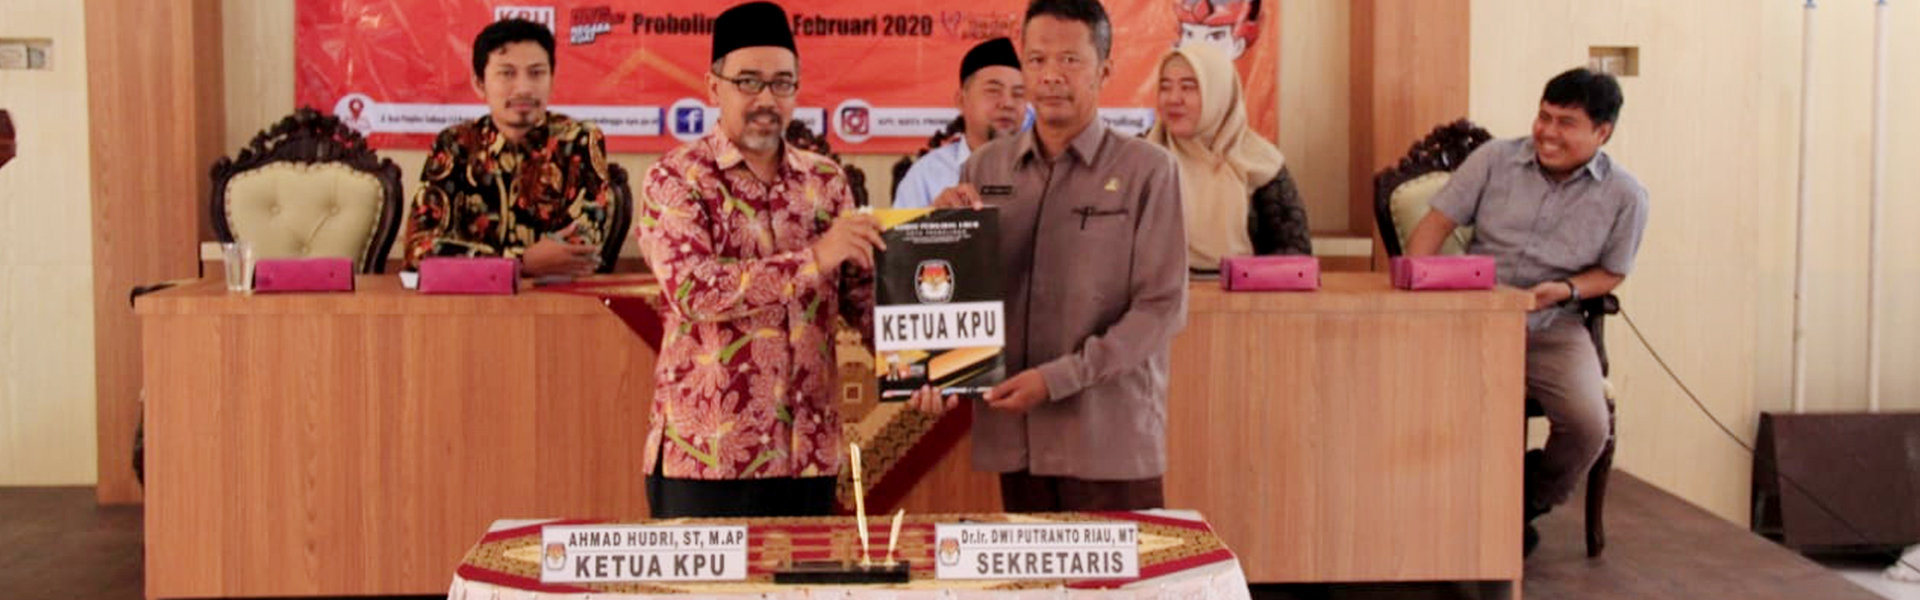 Ketua dan Sekretaris KPU Kota Probolinggo